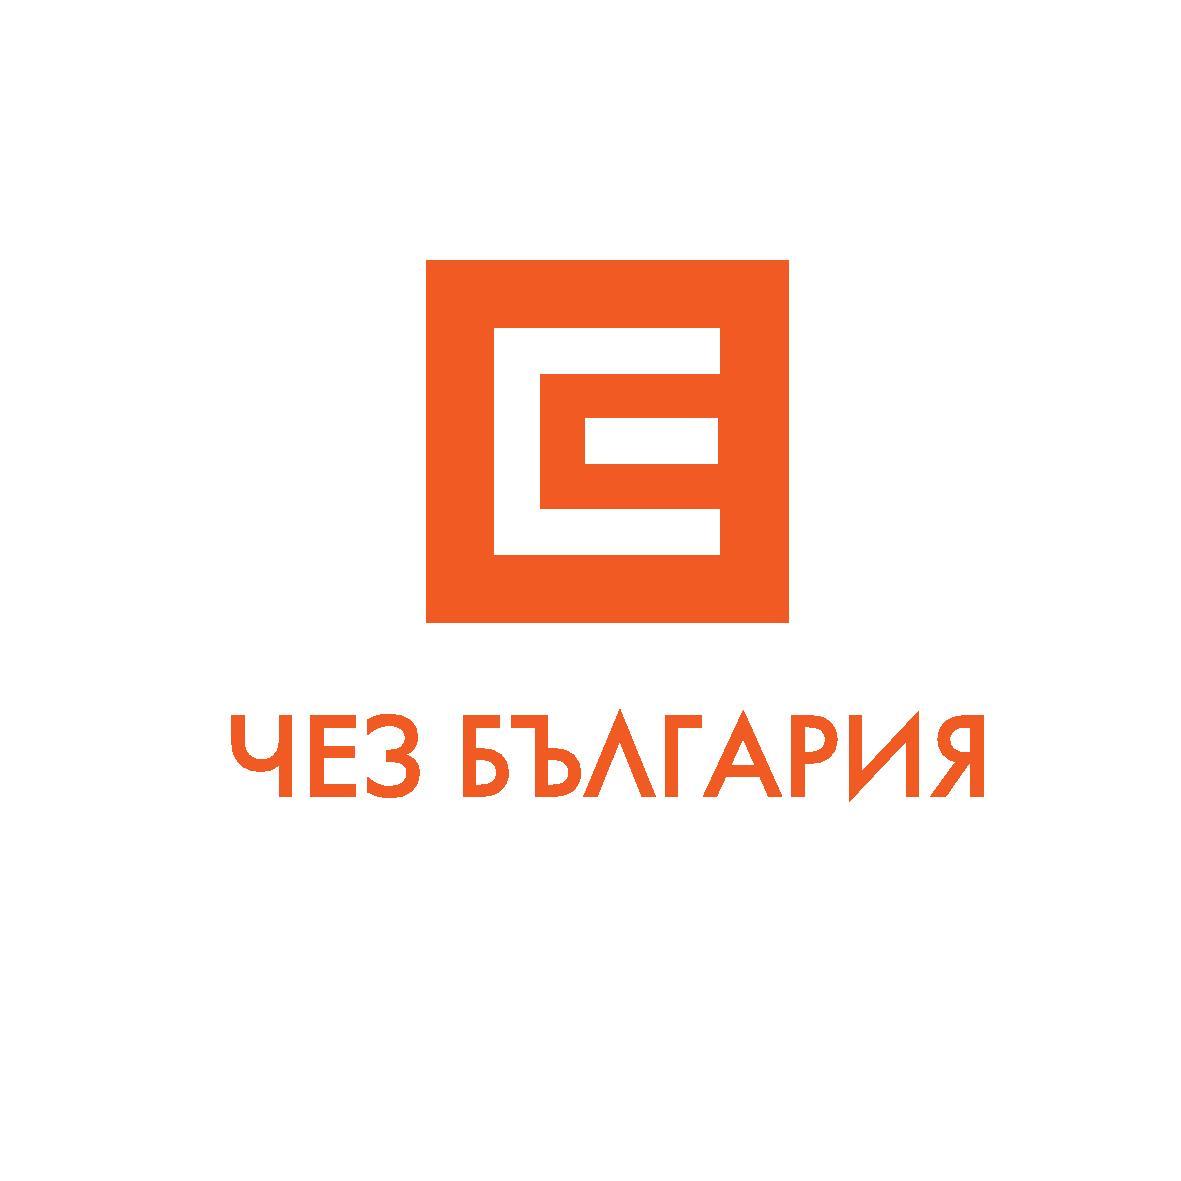 cez-bulgaria-logo